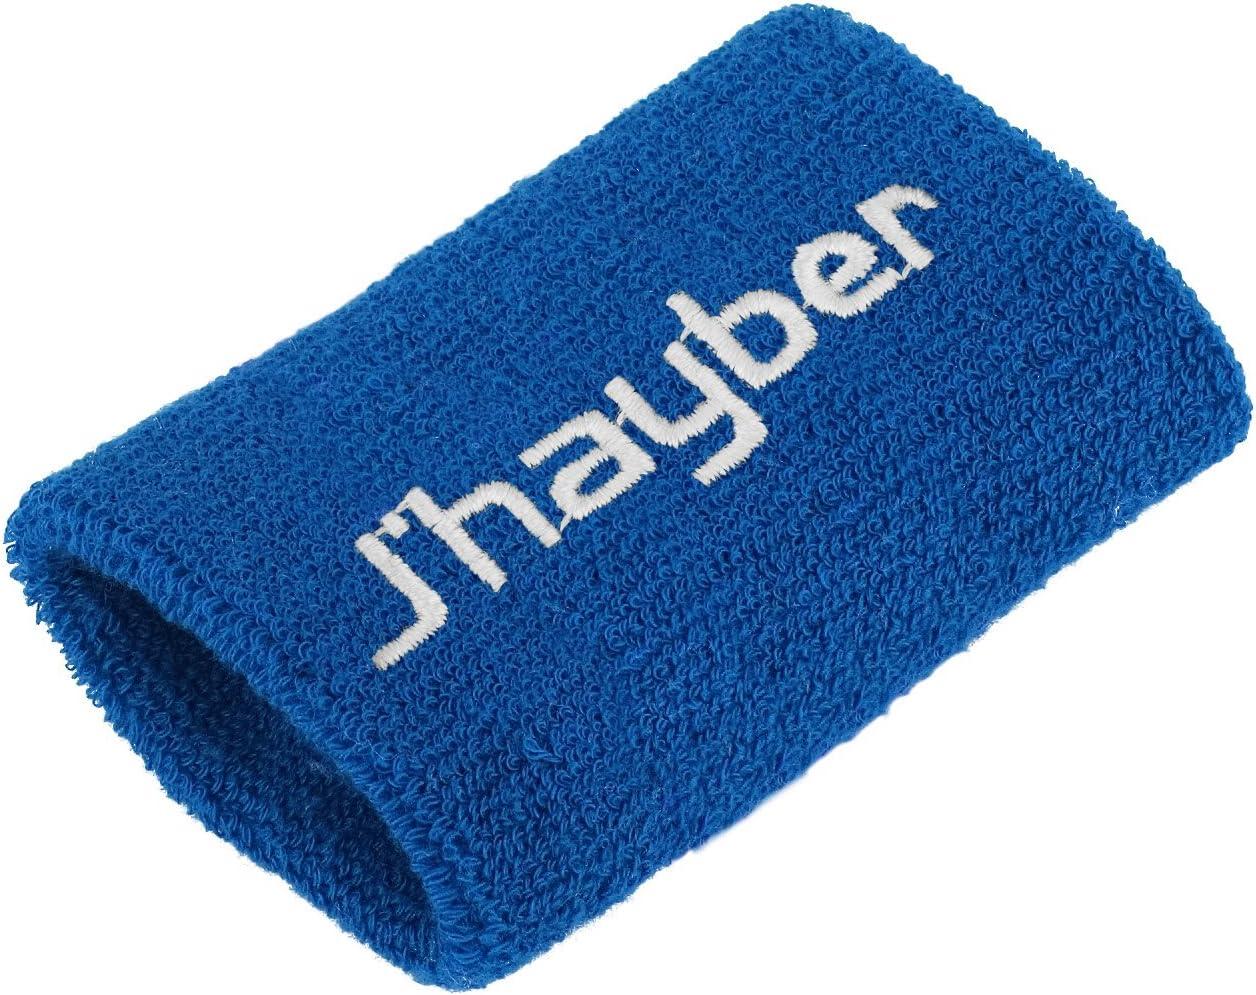 J'hayber 18293-300 Muñequera, Unisex Adulto, Azul, Talla Única